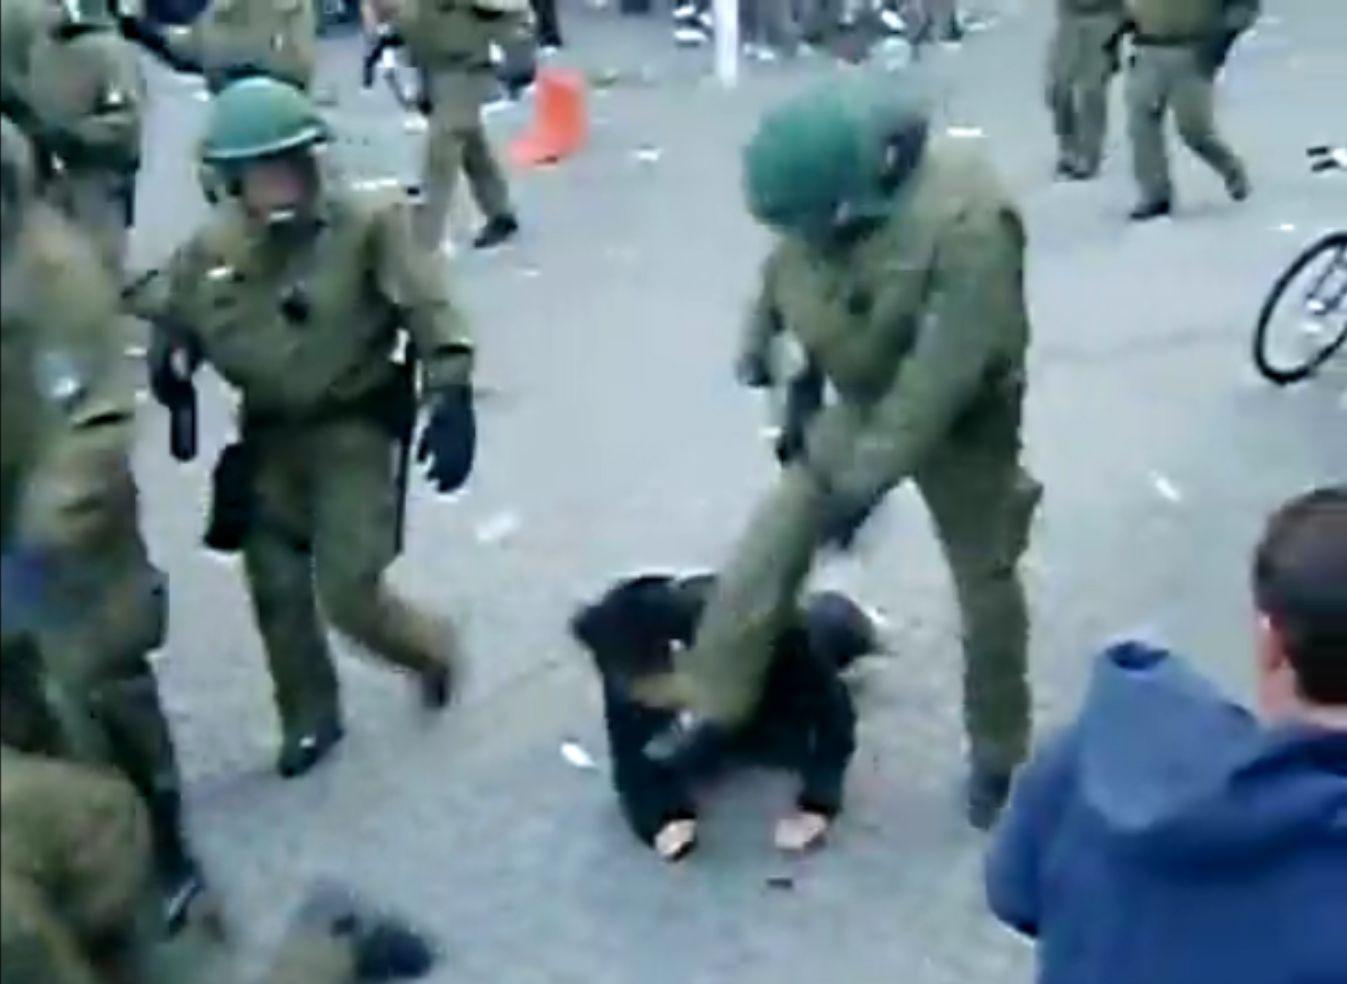 NICHT VERWENDEN Polizei ermittelt gegen Polizeibeamten wegen Koerperverletzung im Amt